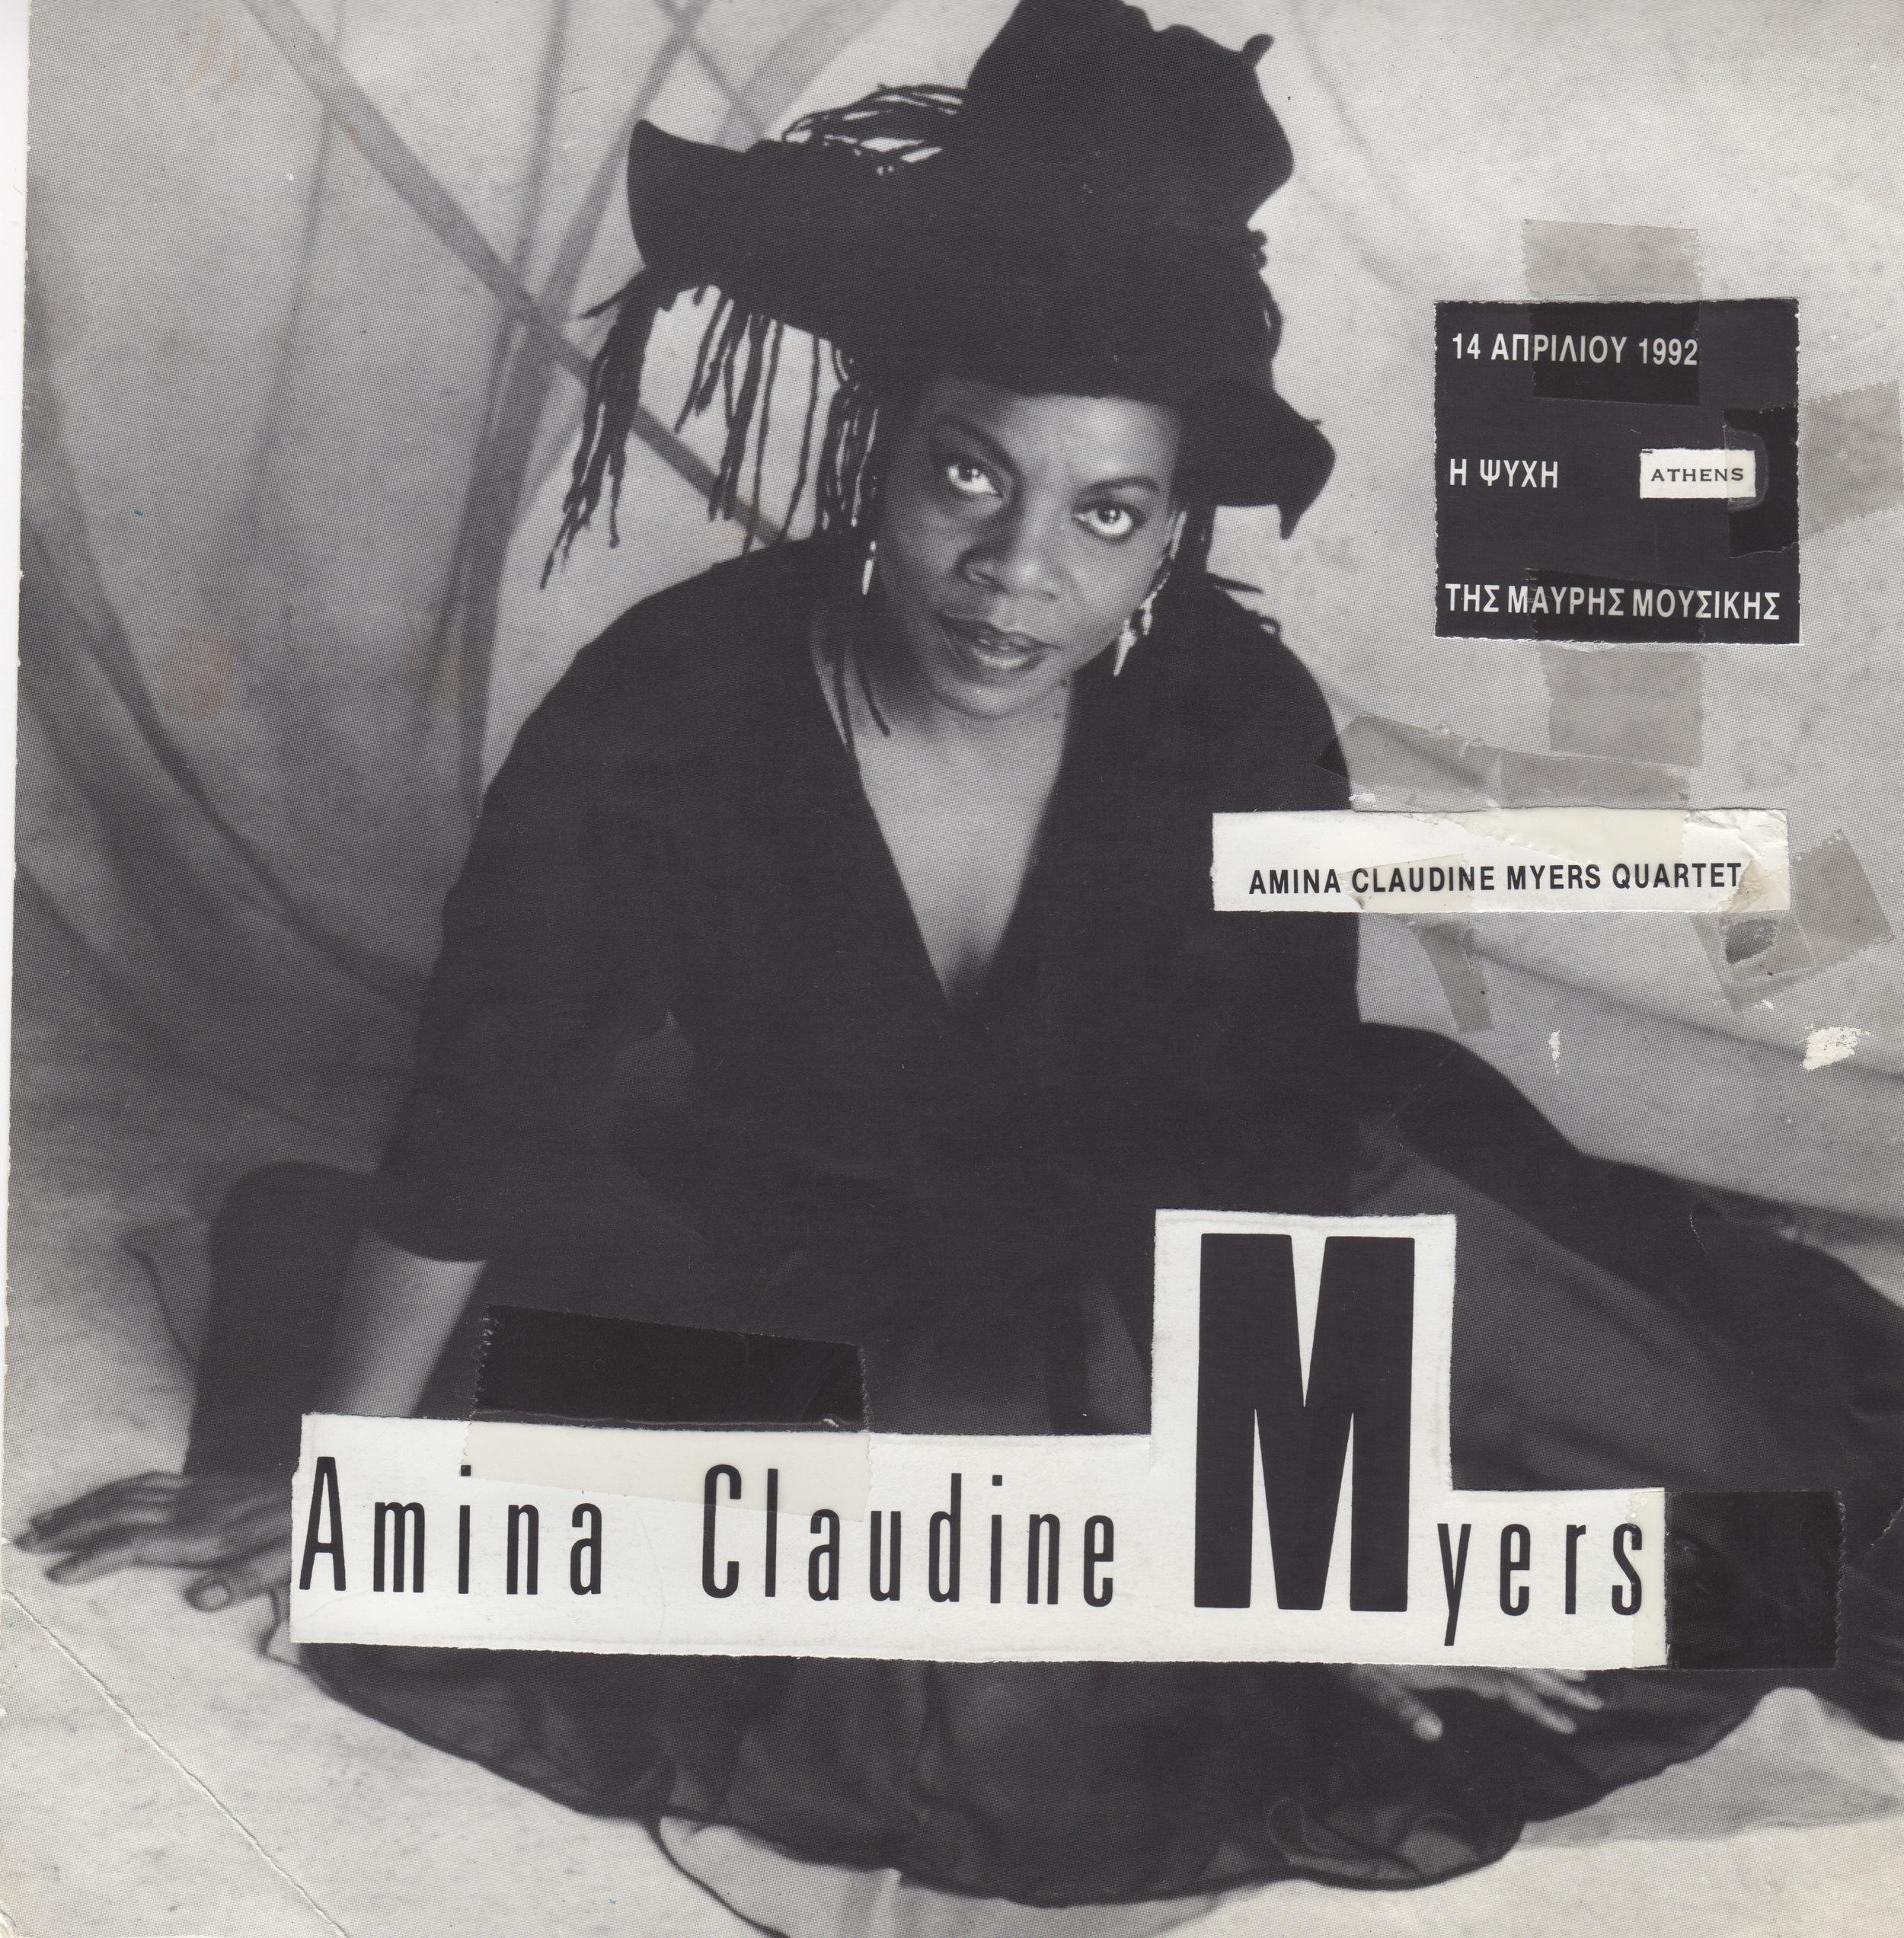 Amina Greece 1992.jpeg